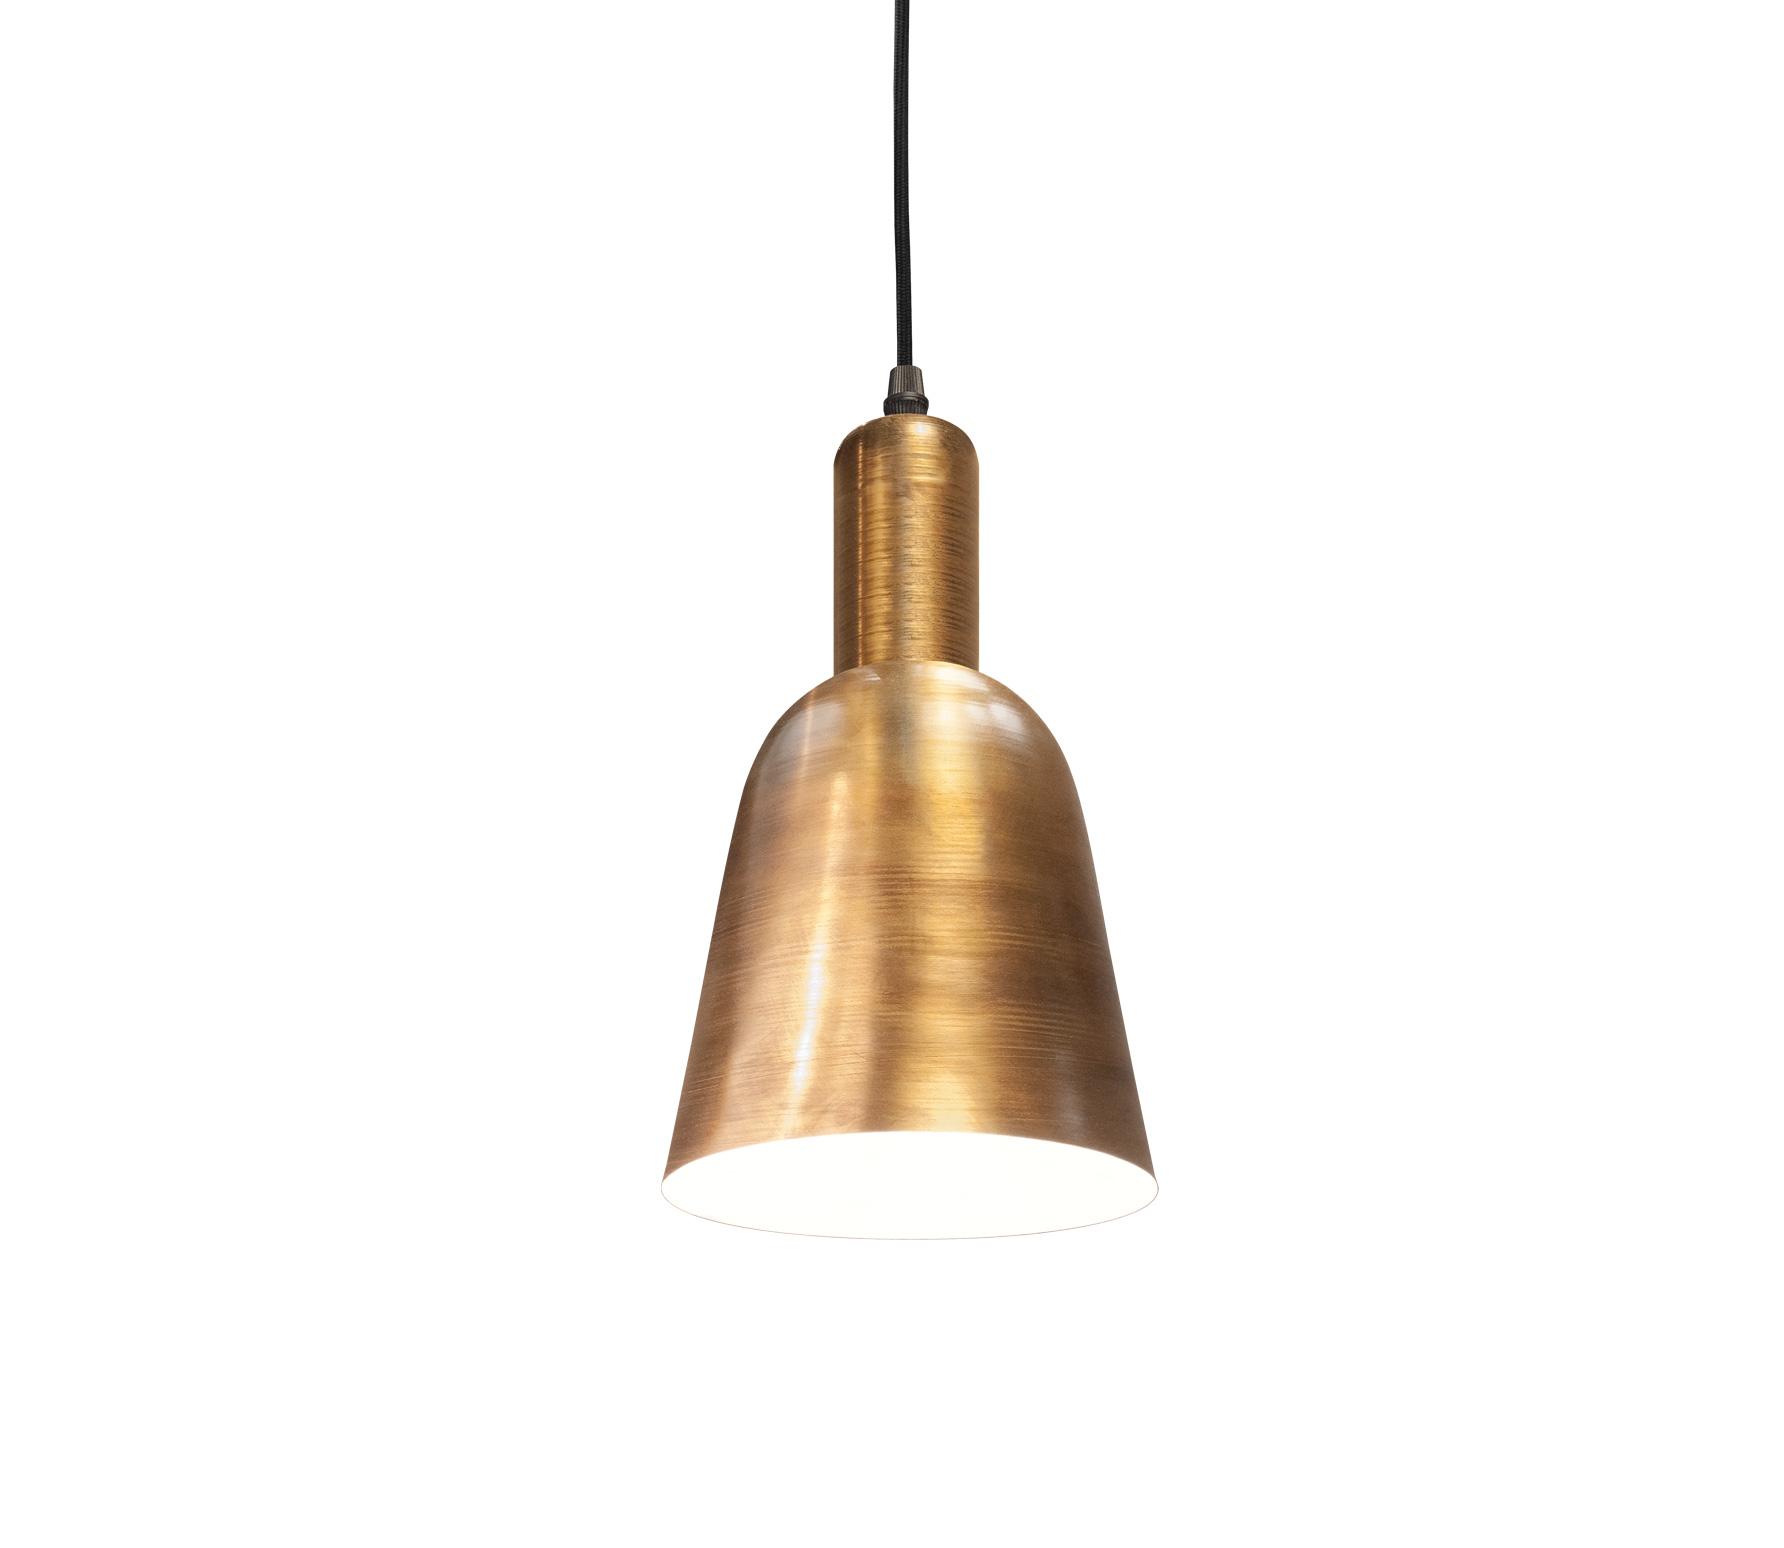 vtwonen-Glow-hanglamp-brons-VS-01